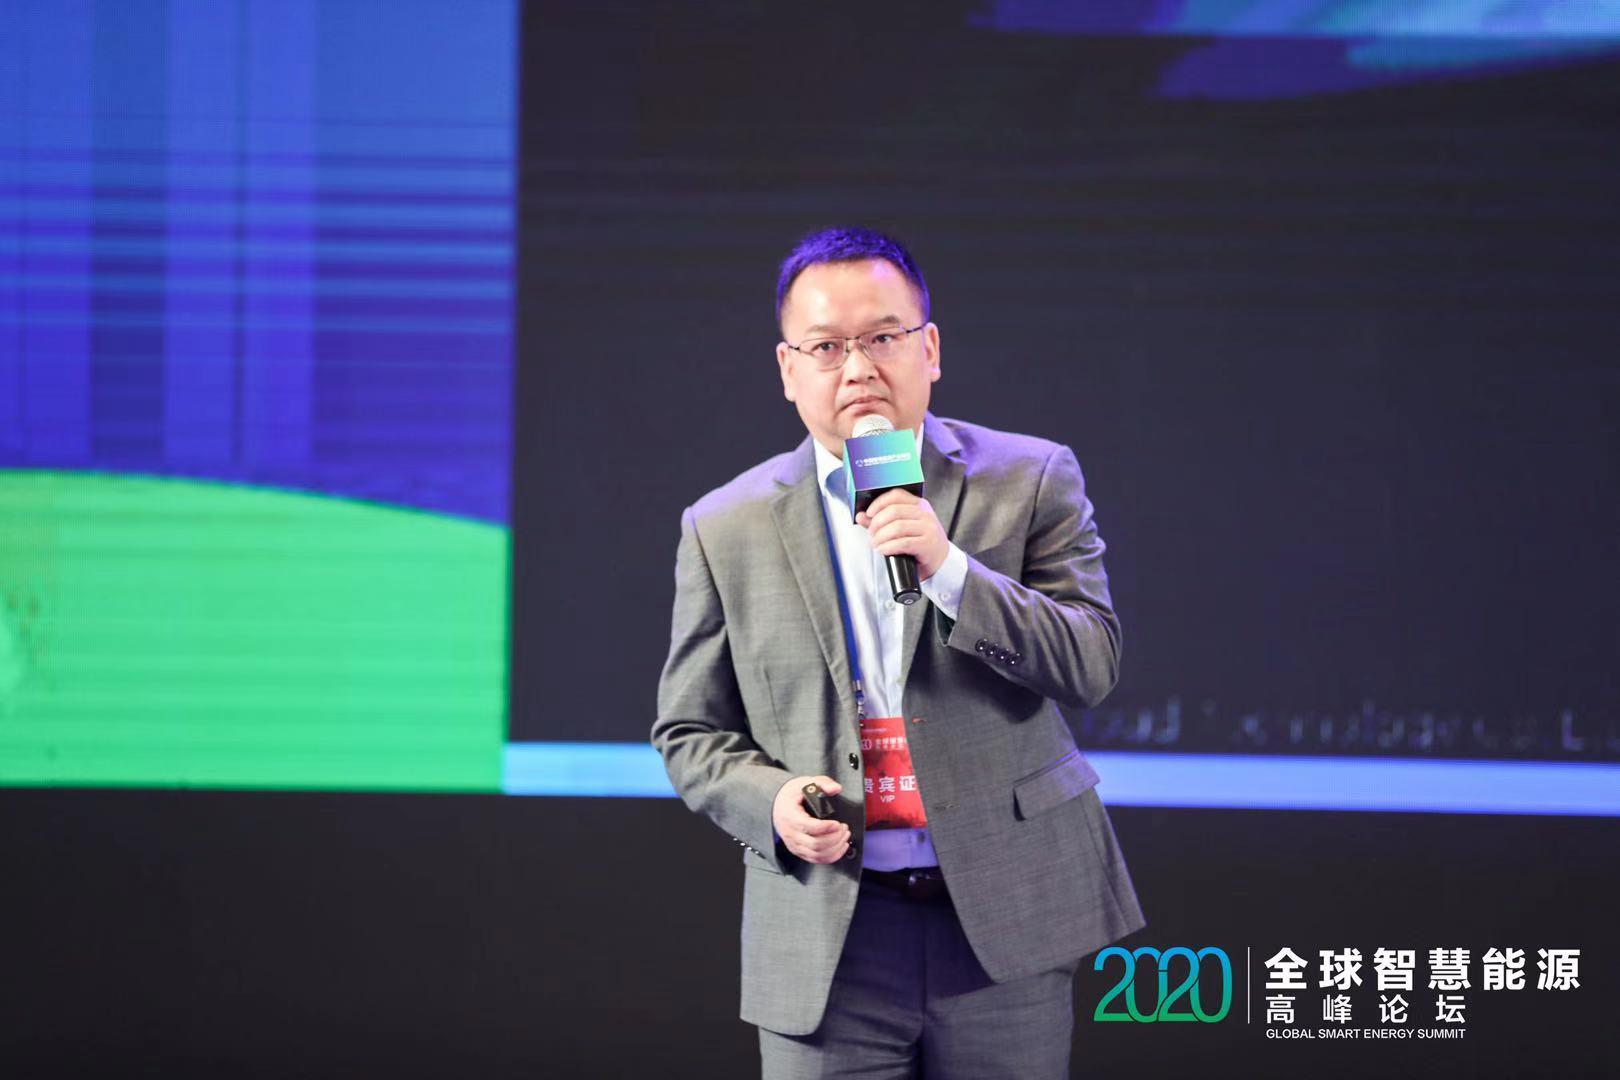 2020全球智慧能源高峰论坛|浩鲸鲸智(WhaleDI)助力综合能源智慧服务